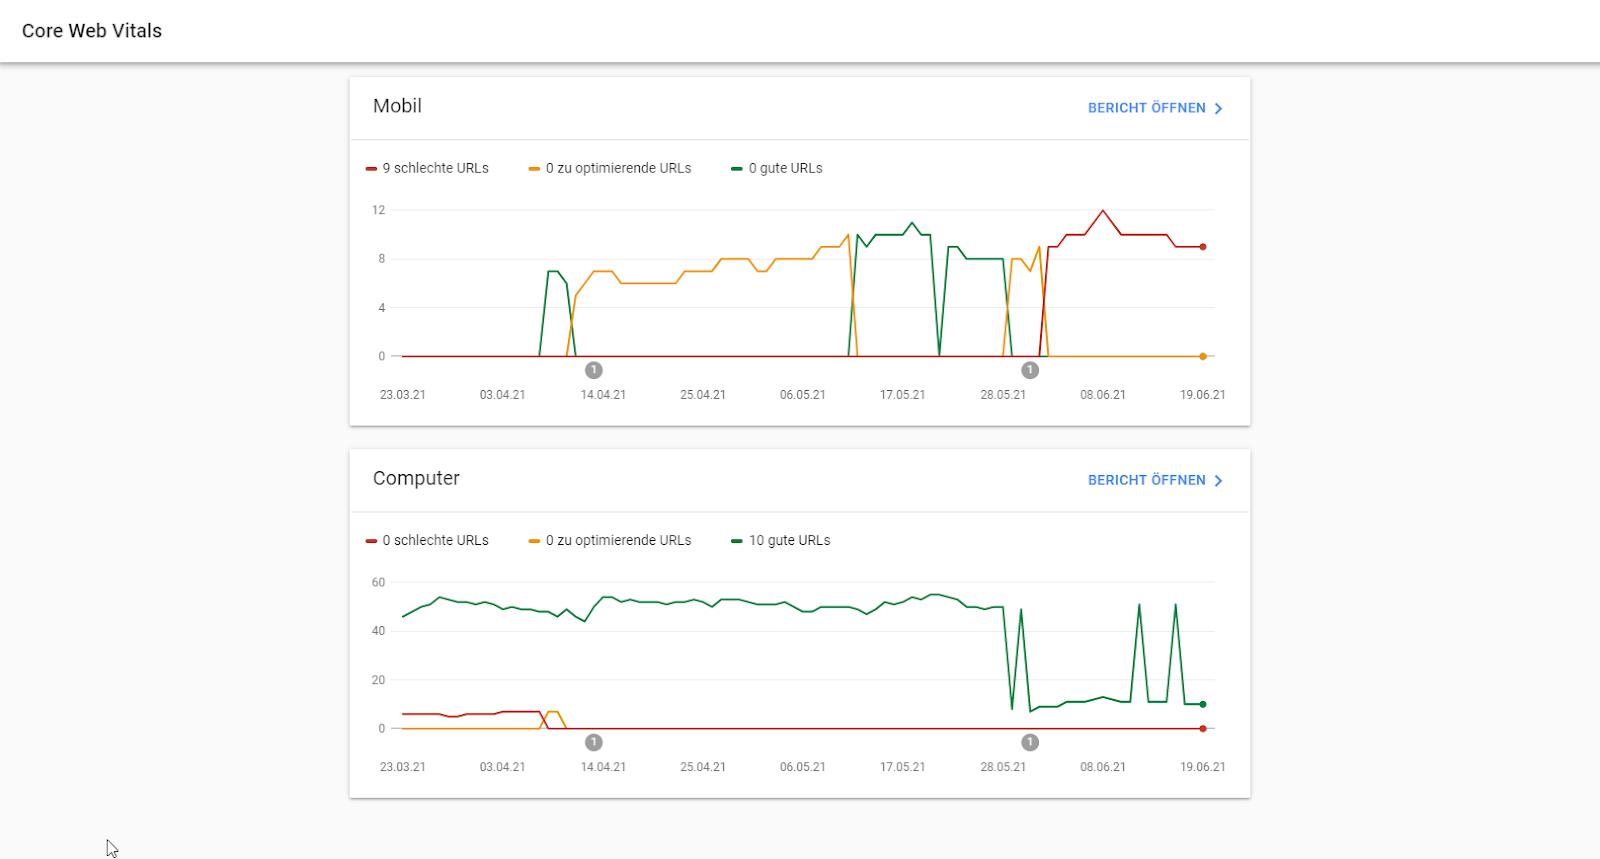 Nutzerfreundlichkeit: core web vitals bericht google